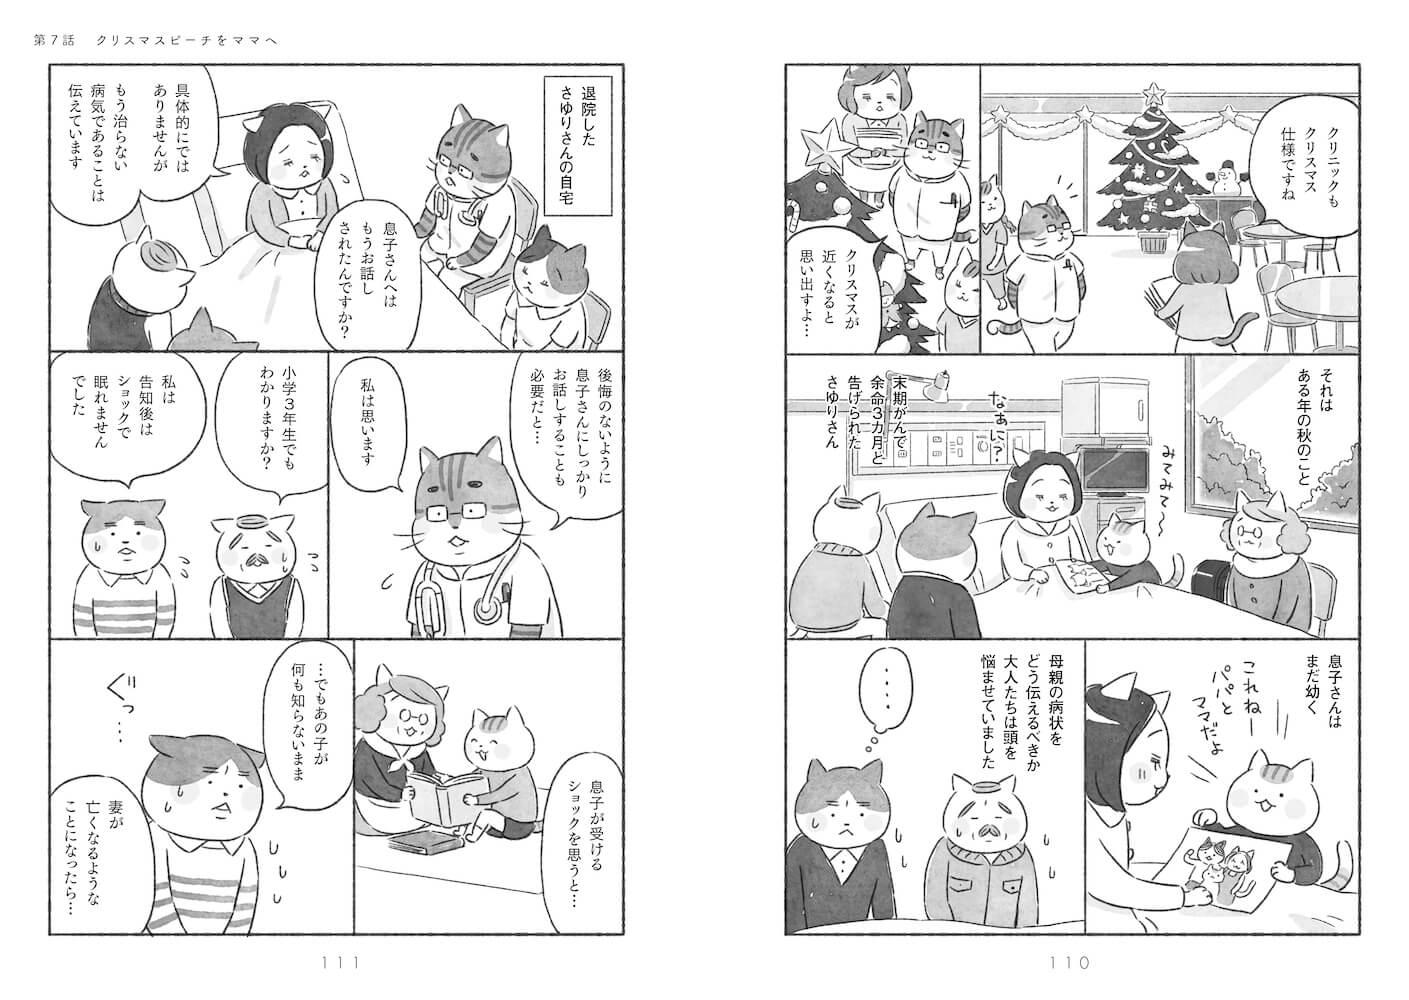 書籍『ねこマンガ 在宅医たんぽぽ先生物語 さいごはおうちで』第7話「クリスマスピーチをママへ」のワンシーン